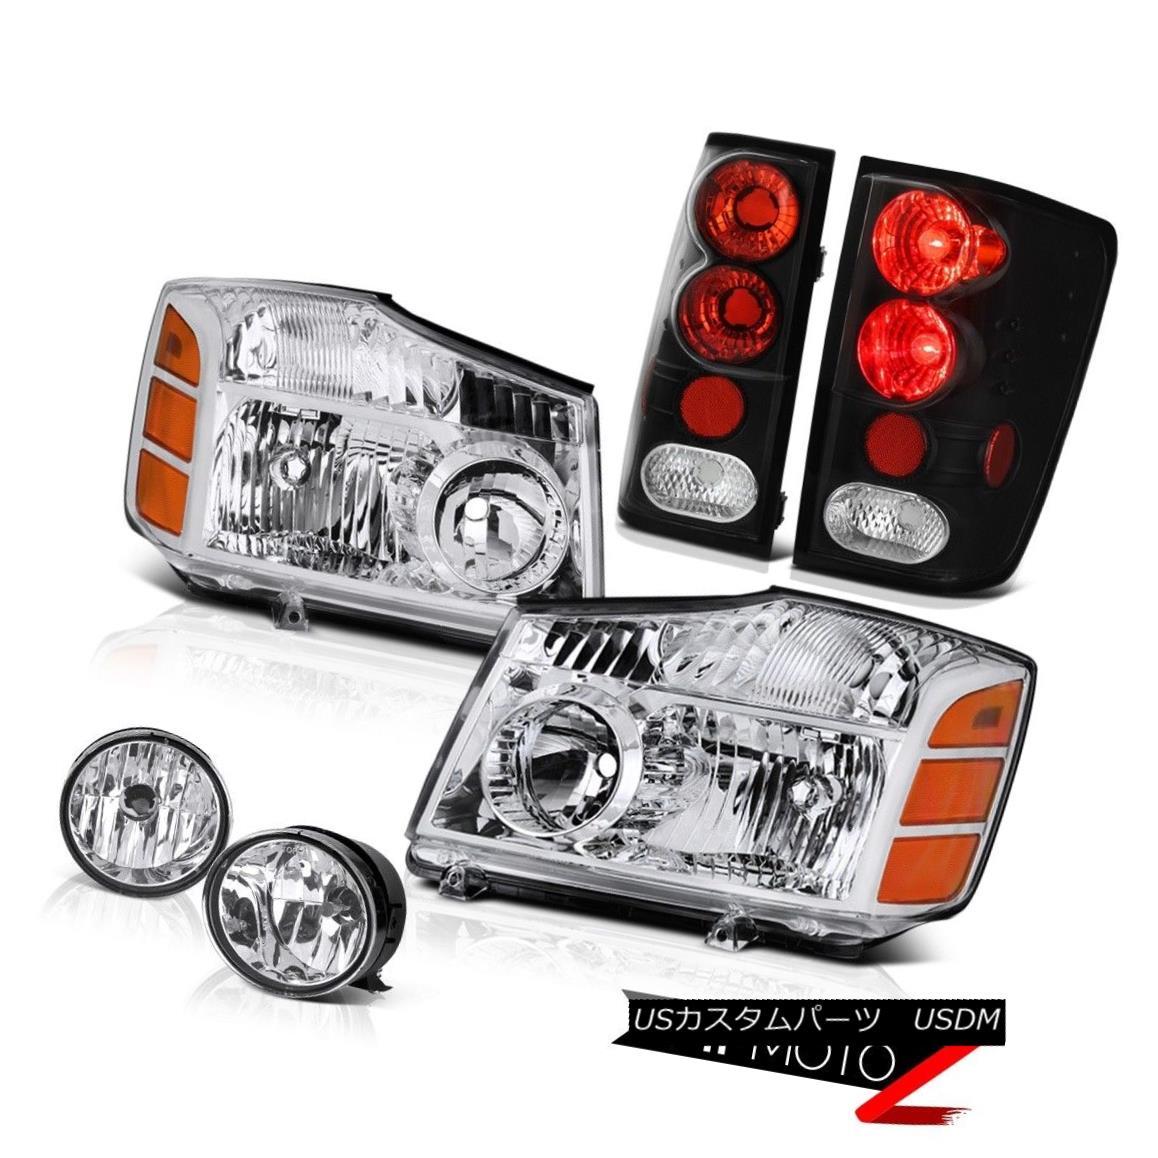 ヘッドライト For 04-15 Titan SE Pair Chrome Headlight Black Tail Light Lamp Clear Bumper Fog 04-15タイタンSEペアクロームヘッドライトブラックテールライトランプクリアバンパーフォグ